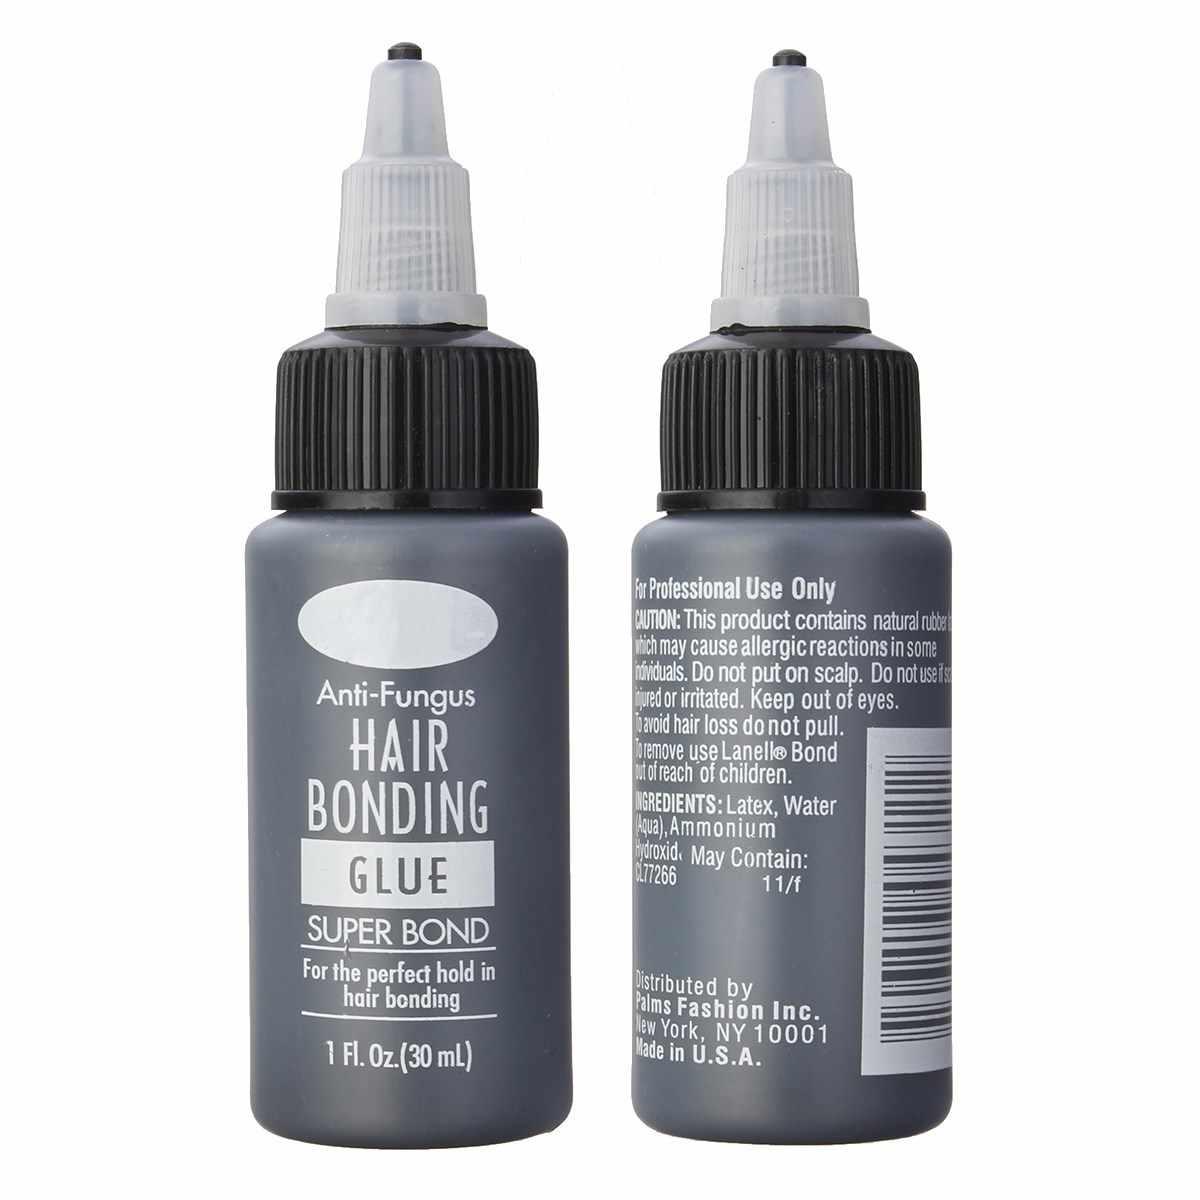 Клеевое средство для удаления клея лента для наращивания волос для удаления фронтальной кружева парик профессиональный салон использовать клей для парика